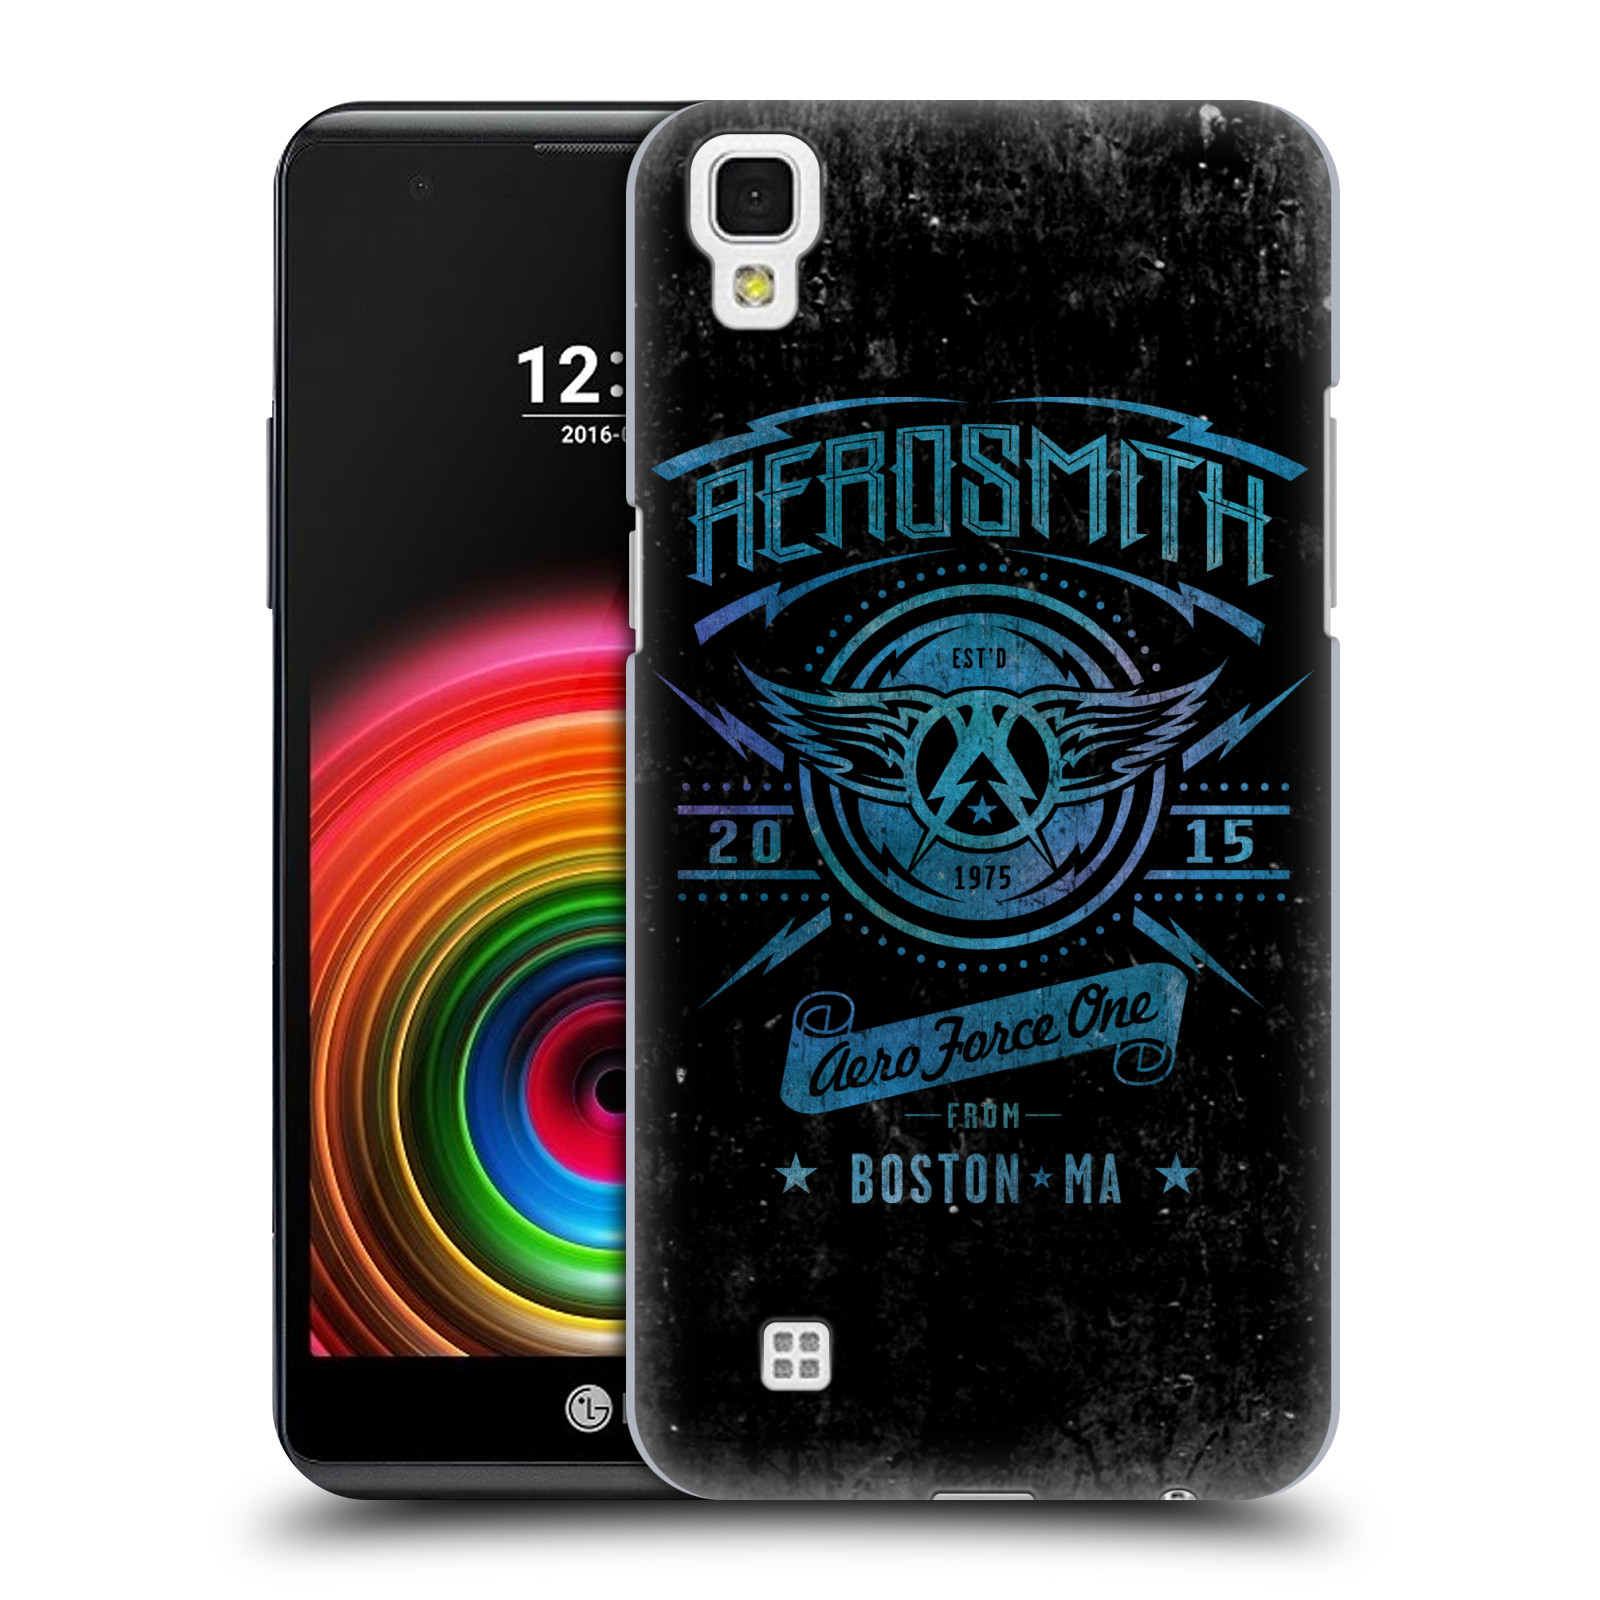 Plastové pouzdro na mobil LG X Power - Head Case - Aerosmith - Aero Force One (Plastový kryt či obal na mobilní telefon s licencovaným motivem Aerosmith pro LG X Power K220)